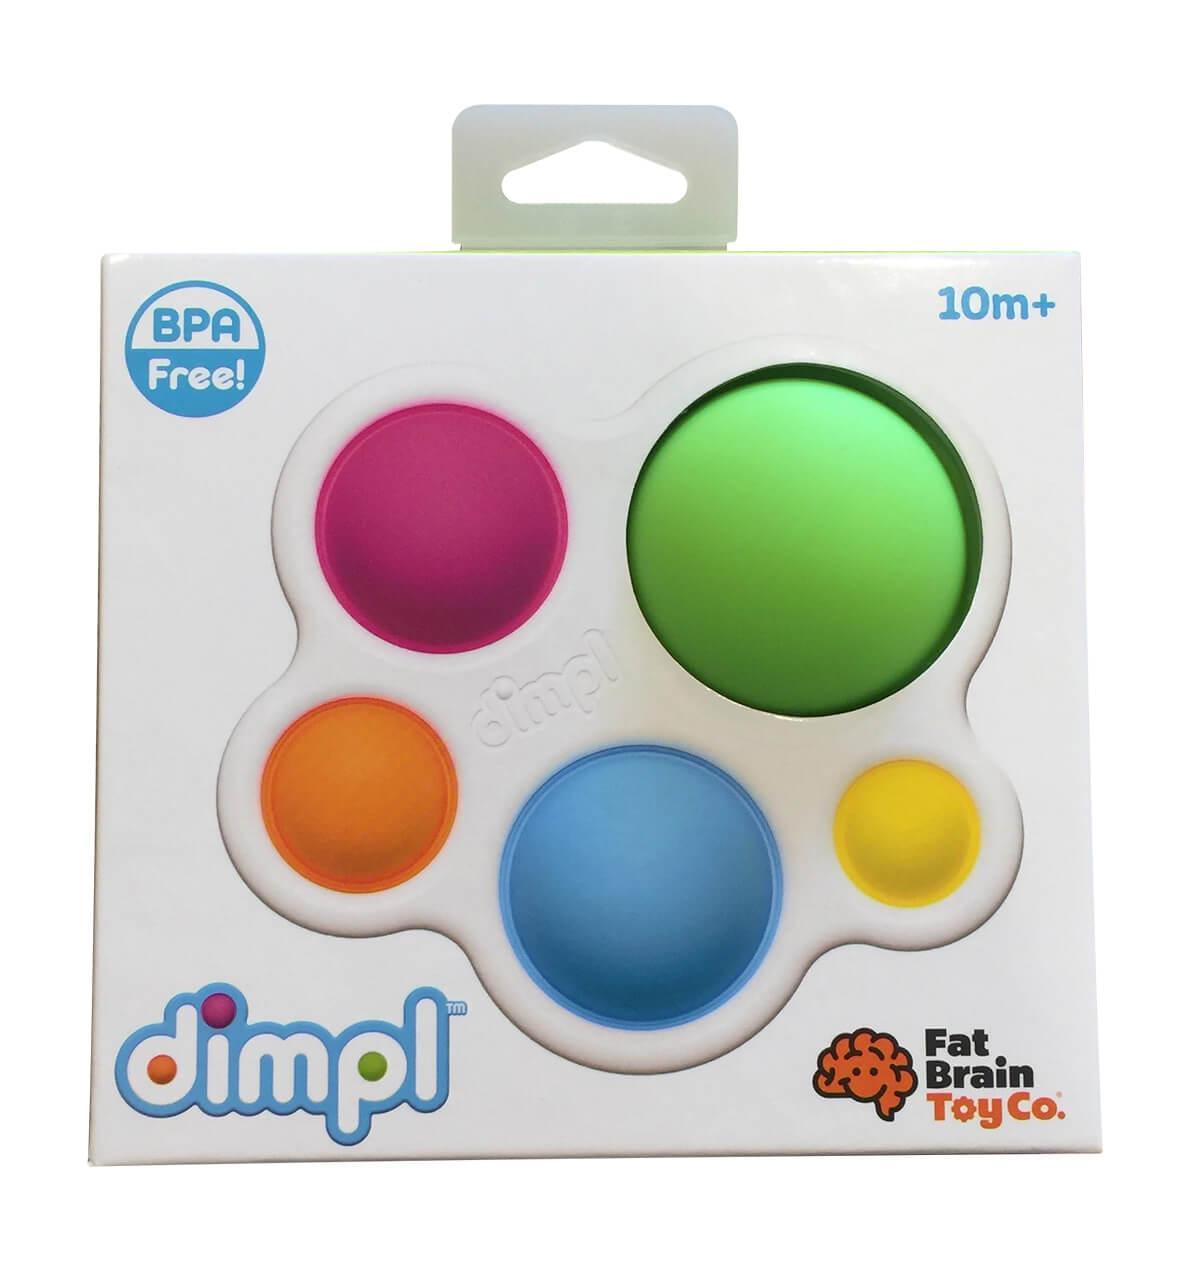 Fat Brain Toys Dimpl - senzorická hračka pre deti od 10 mesiacov